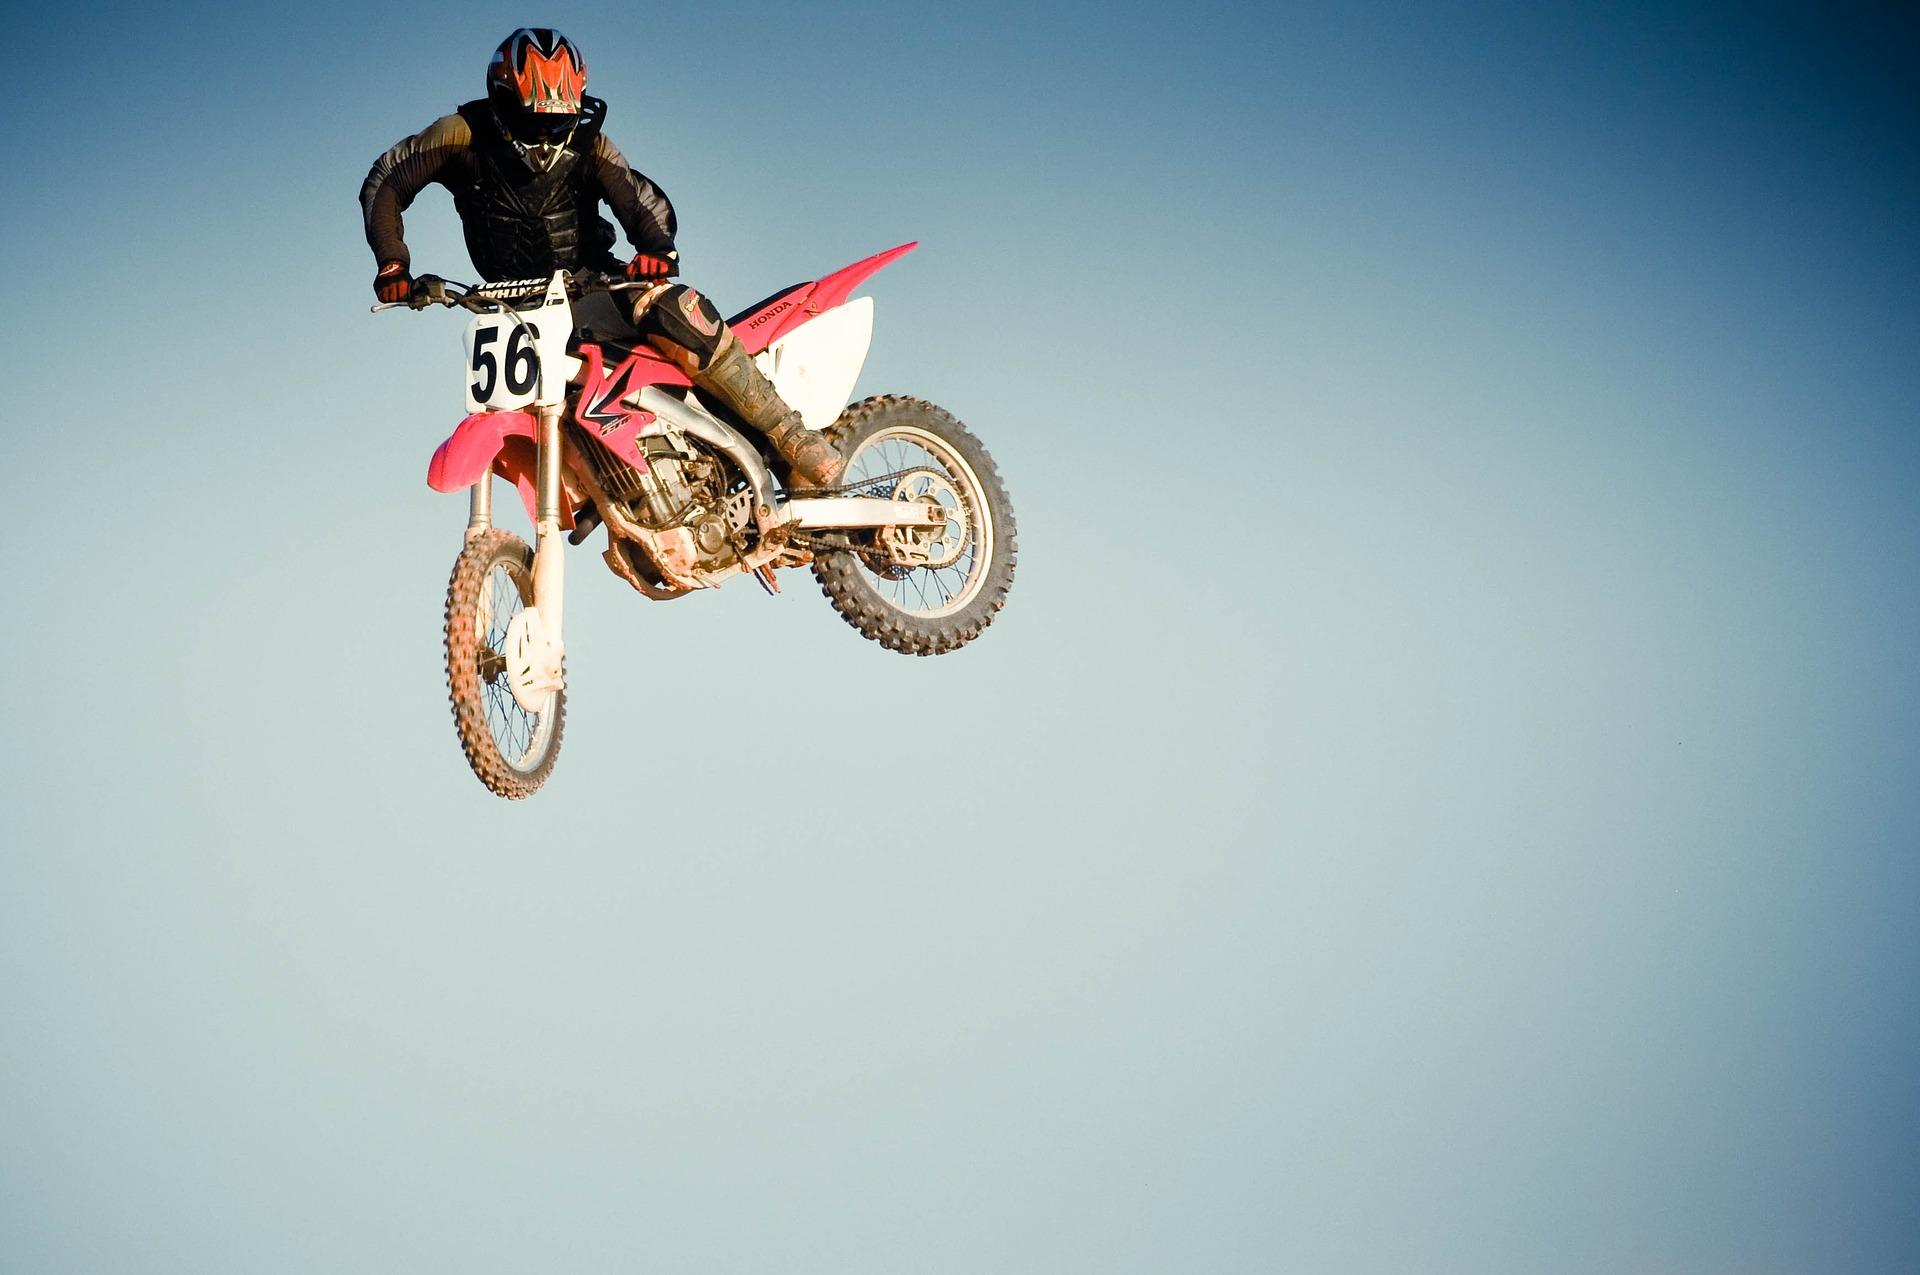 ジャンプするバイク